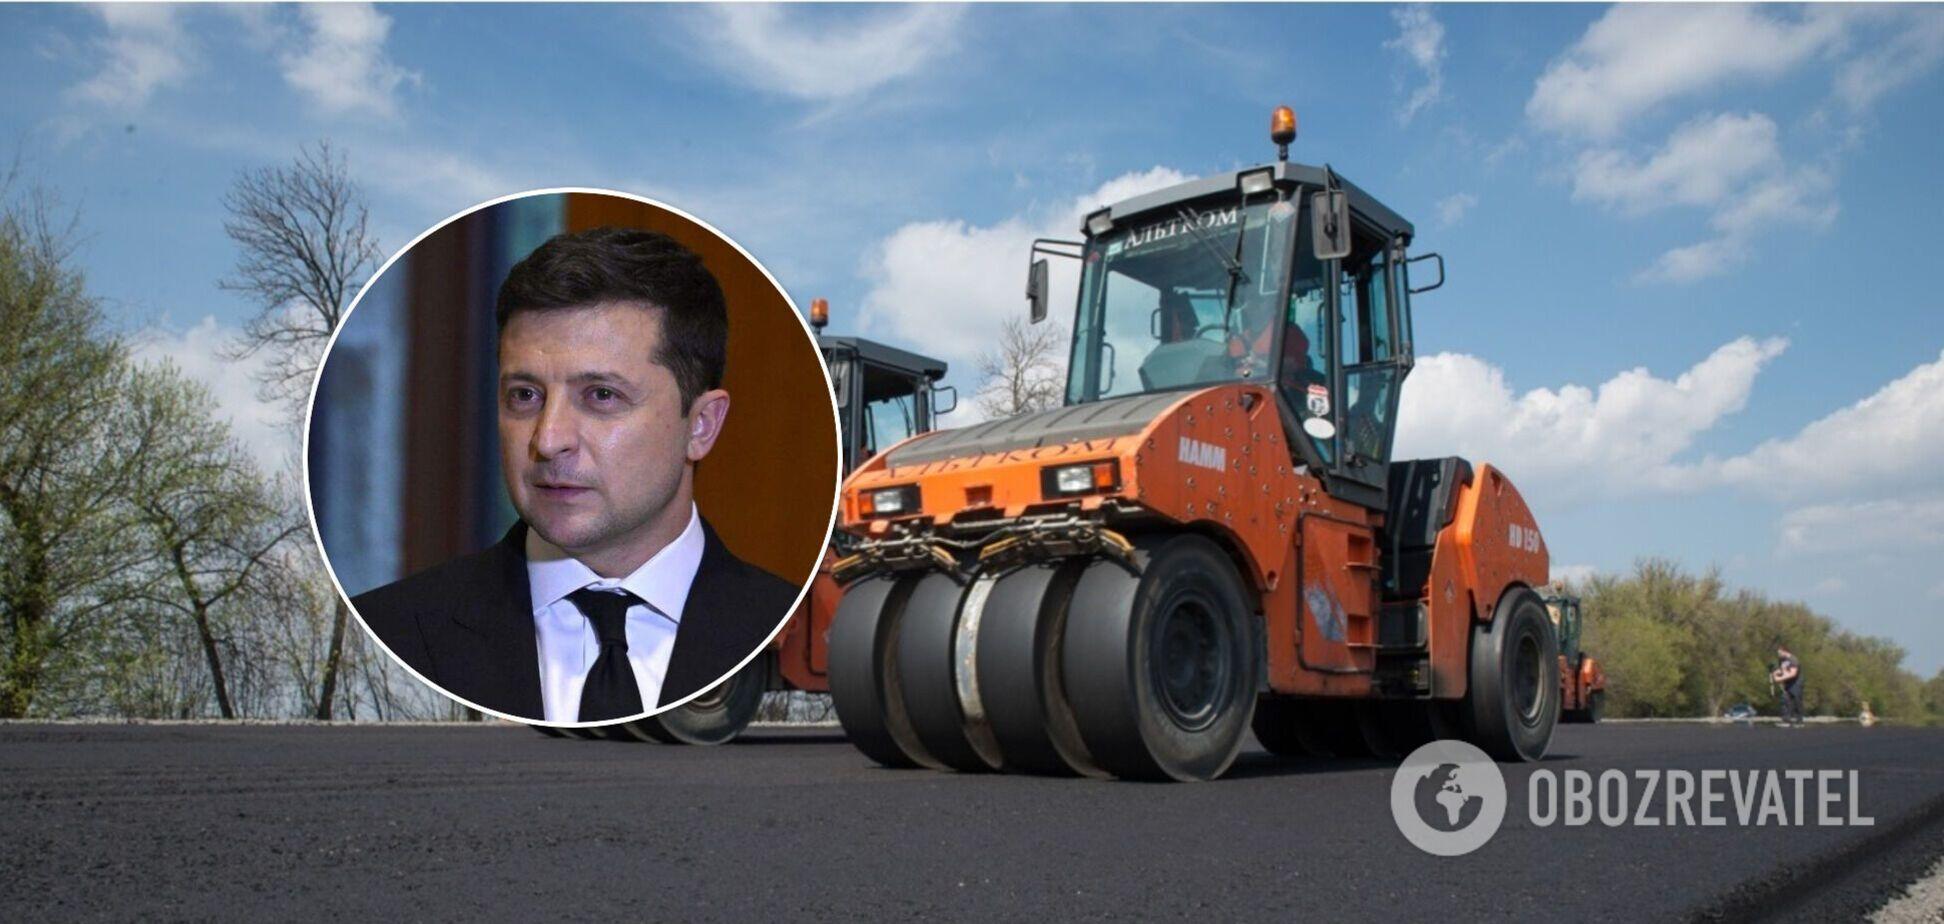 При Зеленском дорог ремонтируют больше, чем при других президентах – опрос